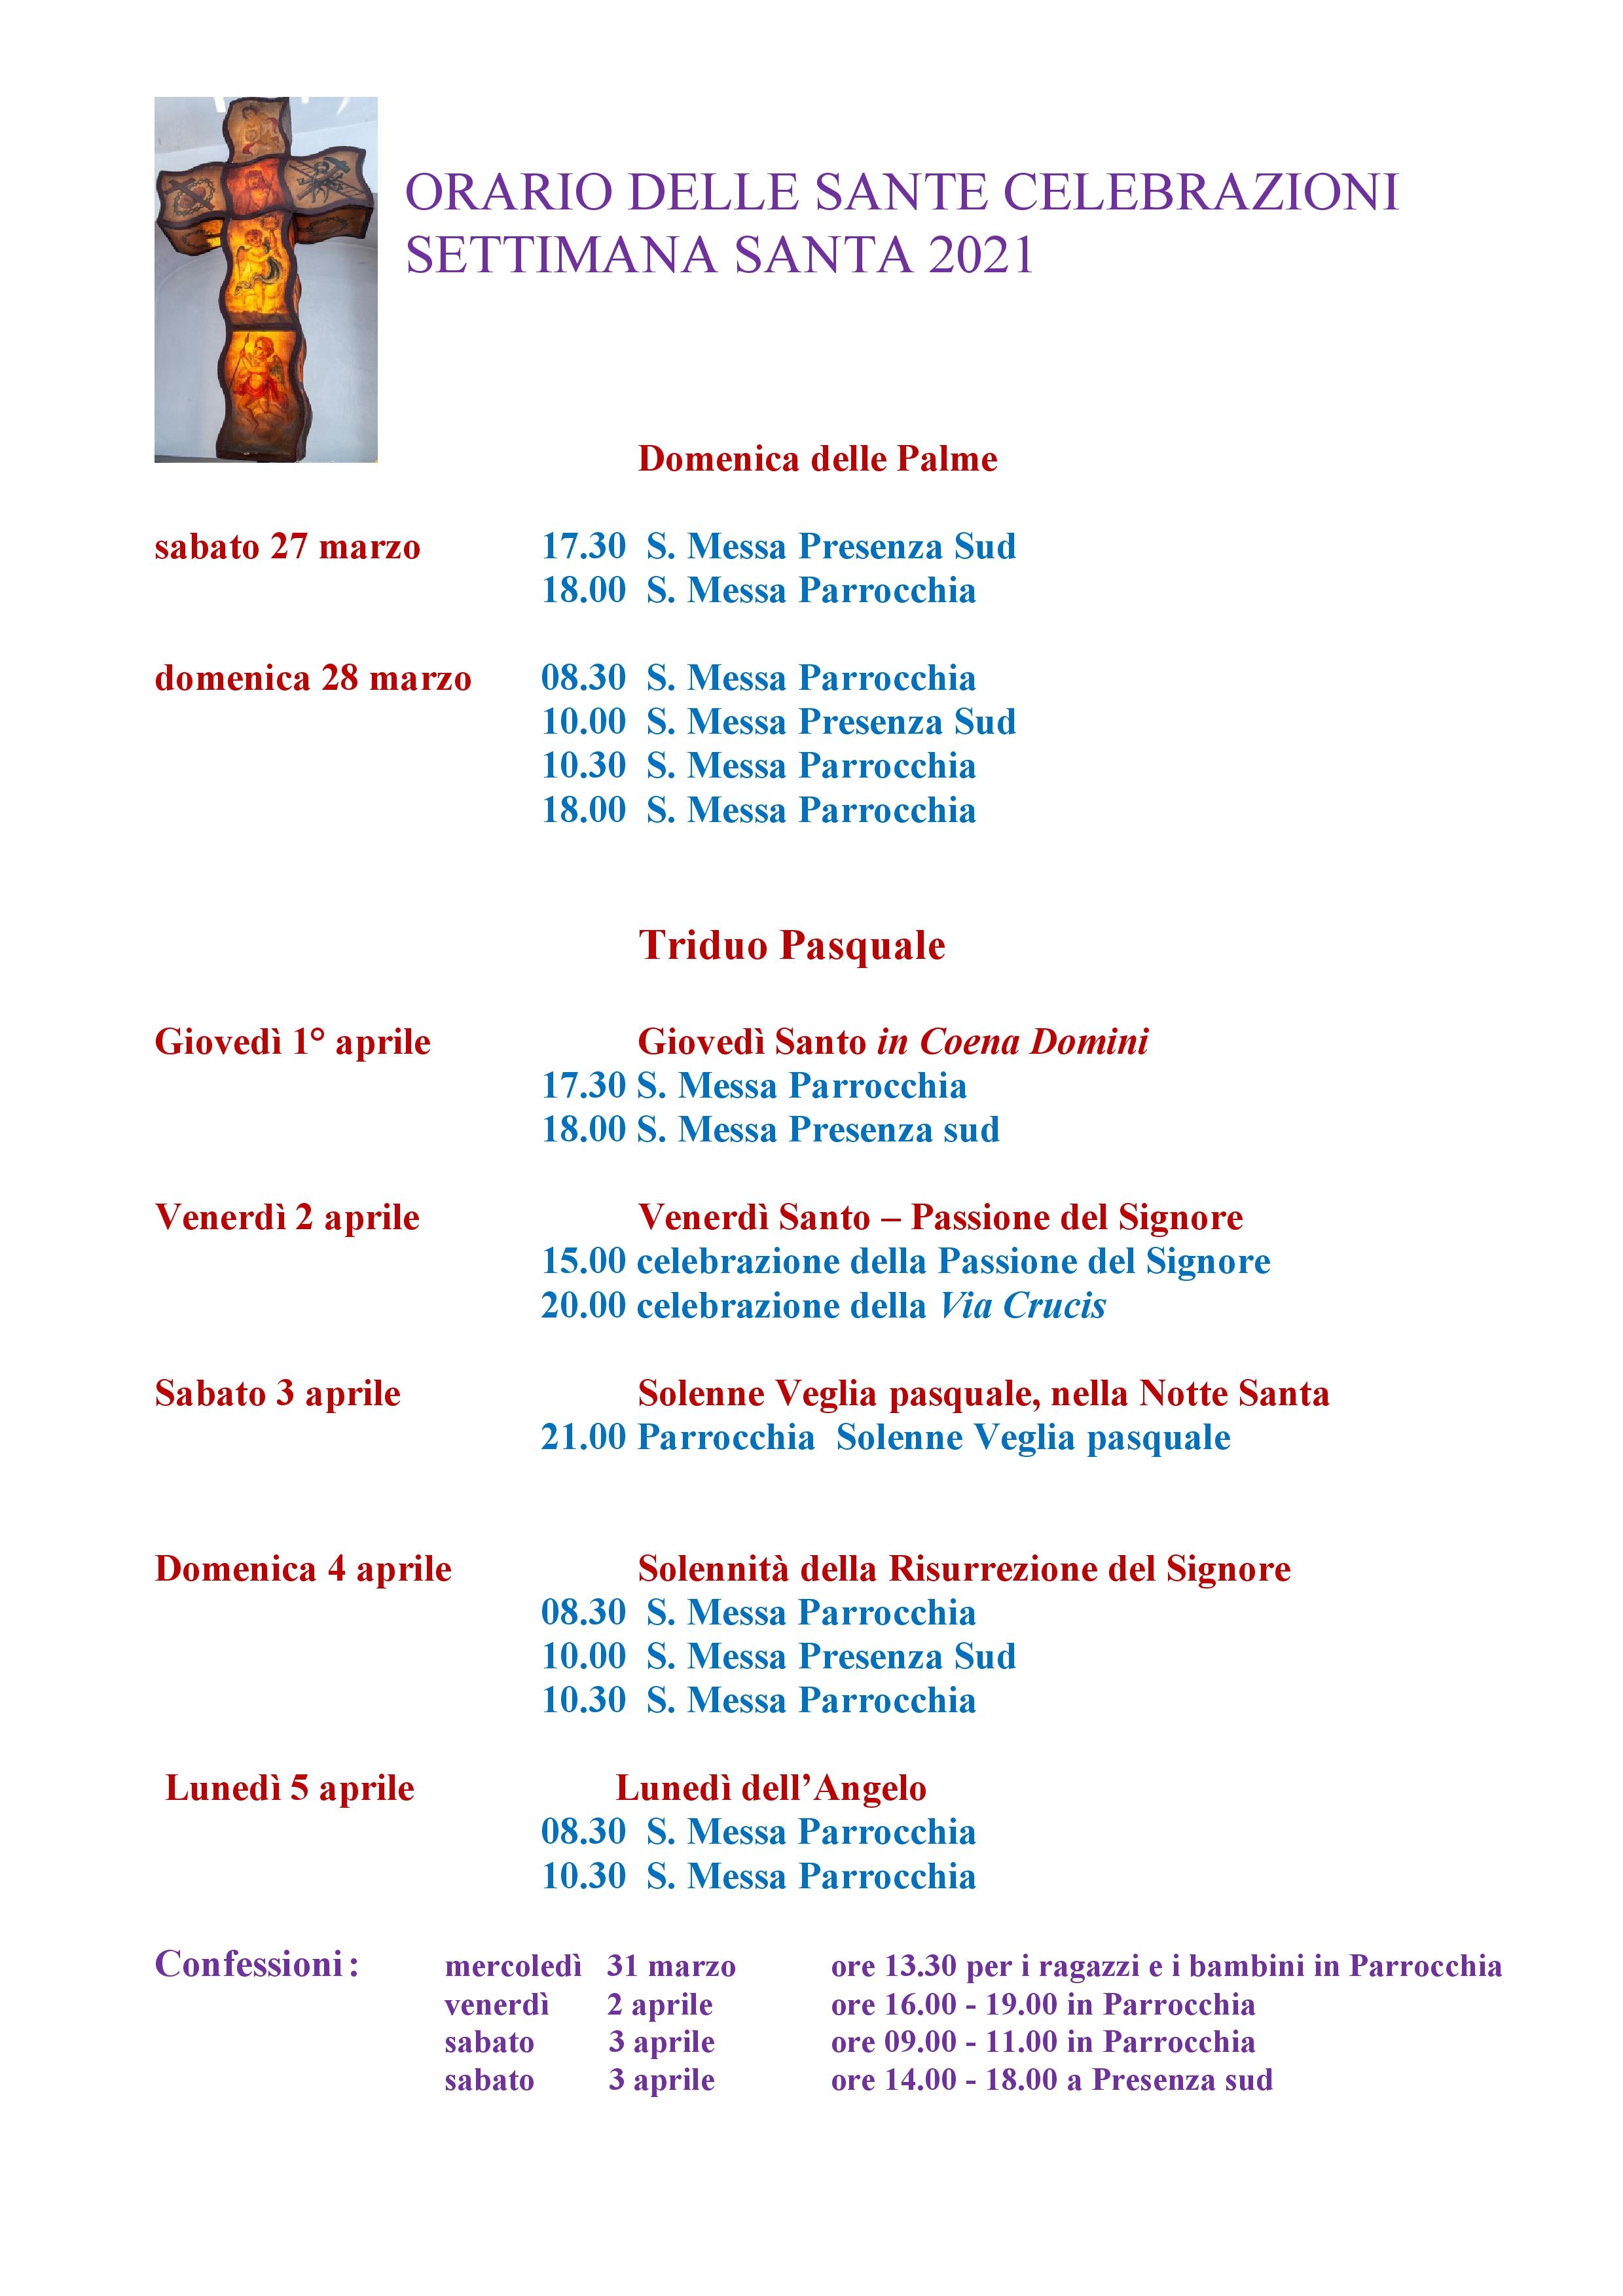 ORARIO DELLE SANTE CELEBRAZIONI Pasqua (1)